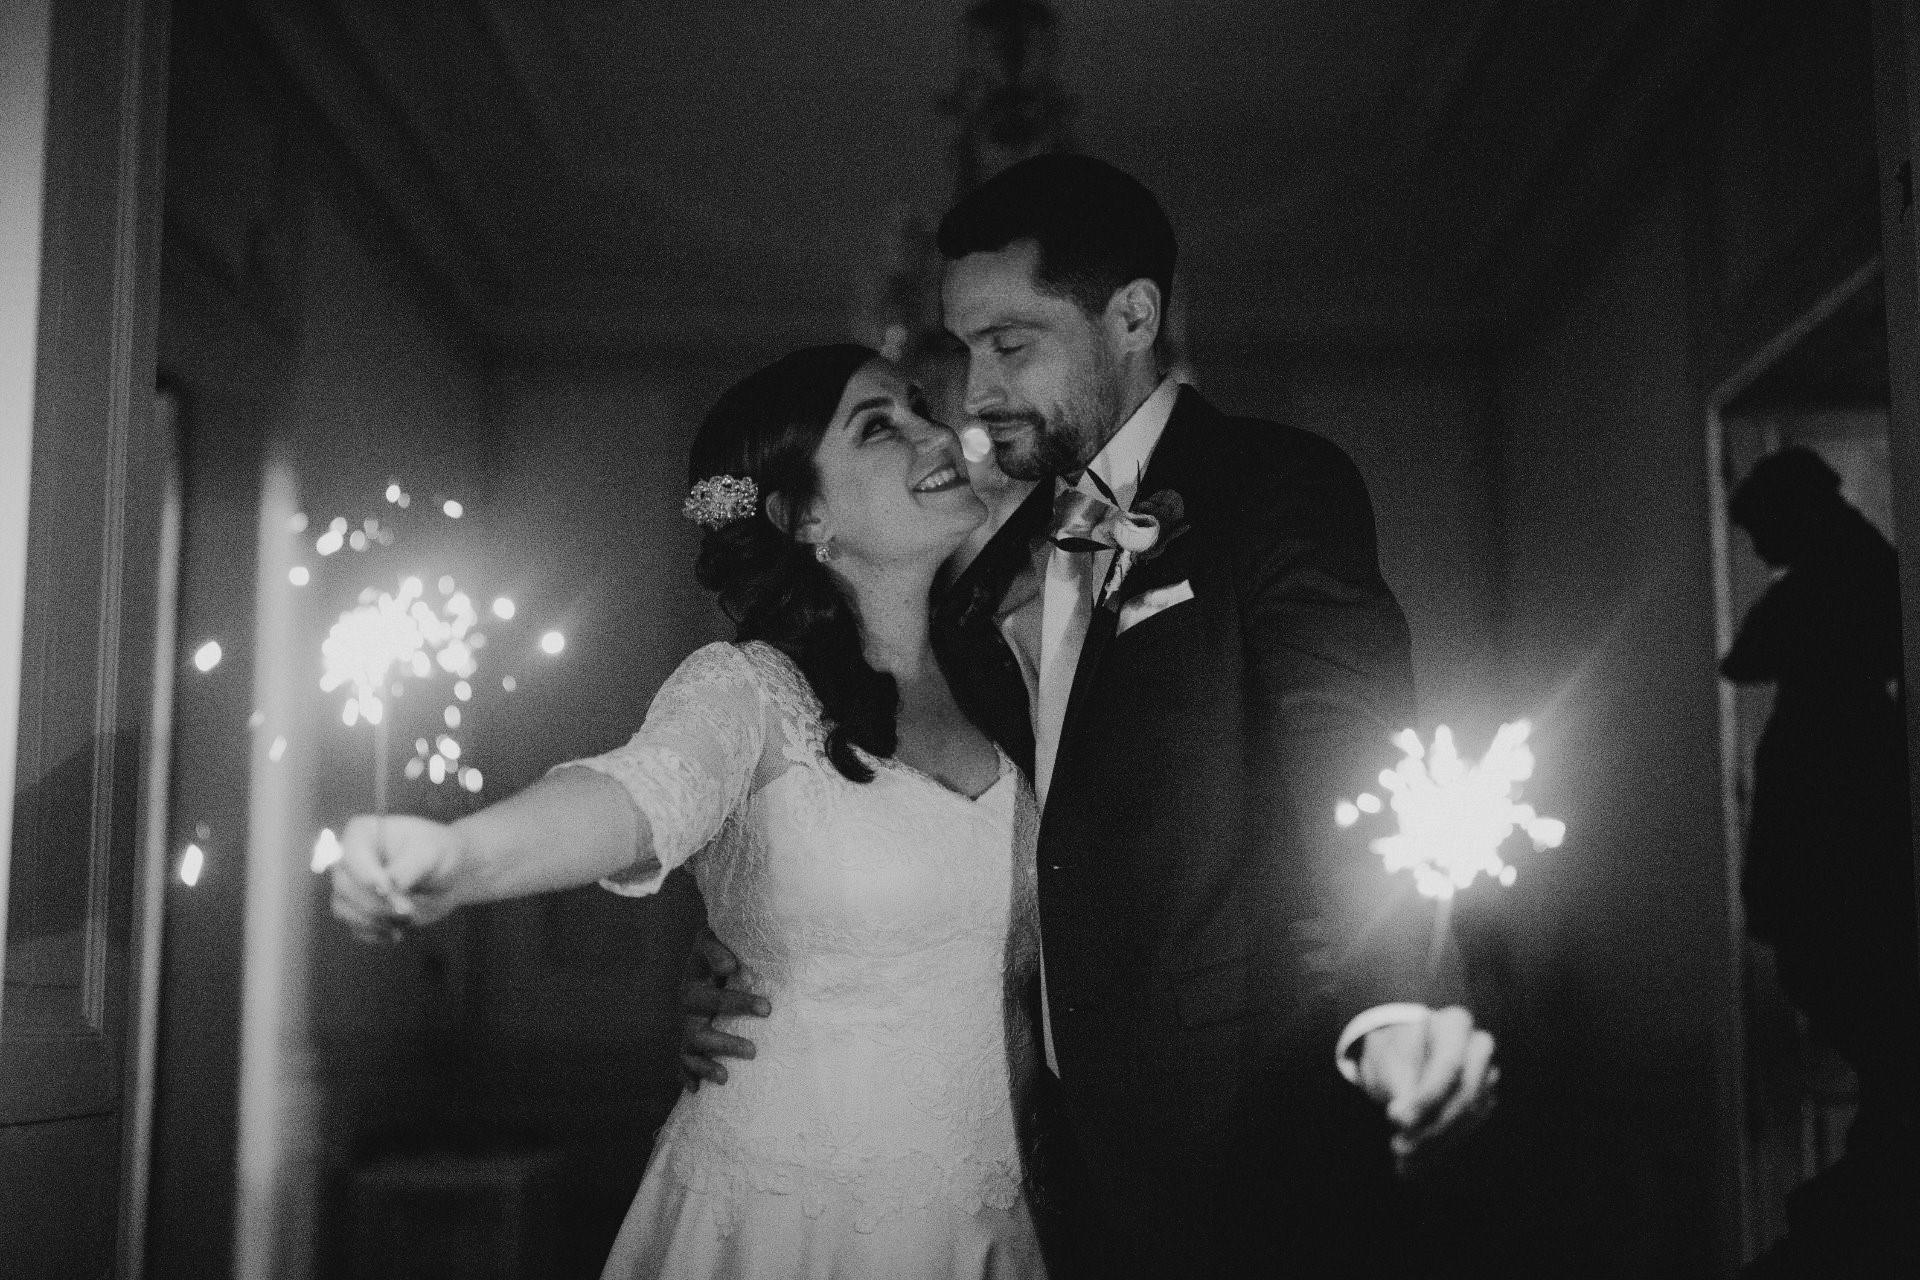 sterenn-officiante-ceremonie-laique-bengale-scintillant-nuit-elopement noir et blanc